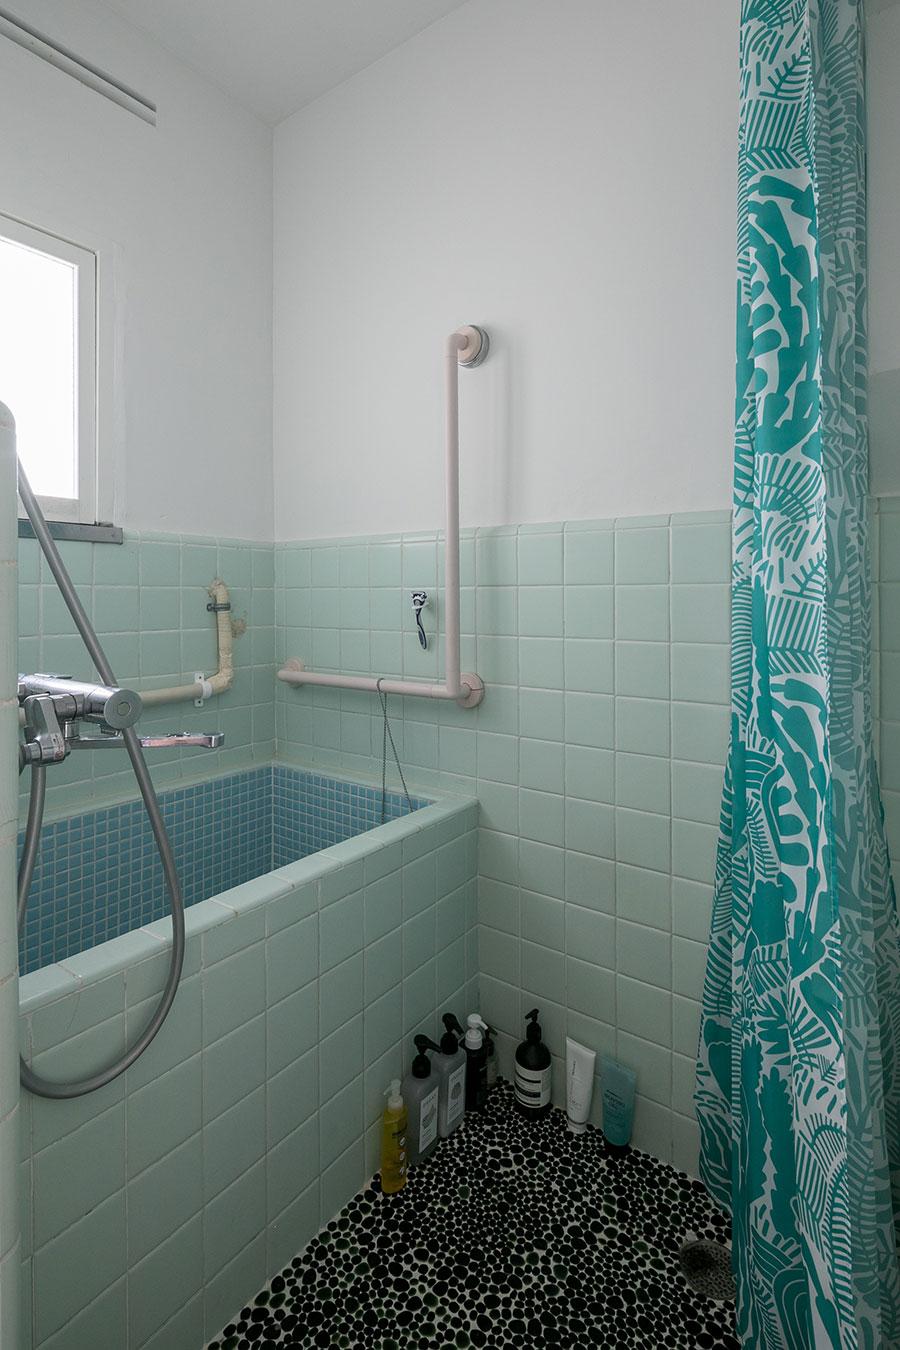 昭和レトロなお風呂は既存。タイルの上の壁は白く塗り直した。「ユニットバスではないので、天井が高いのが気に入っています」(俊さん)。